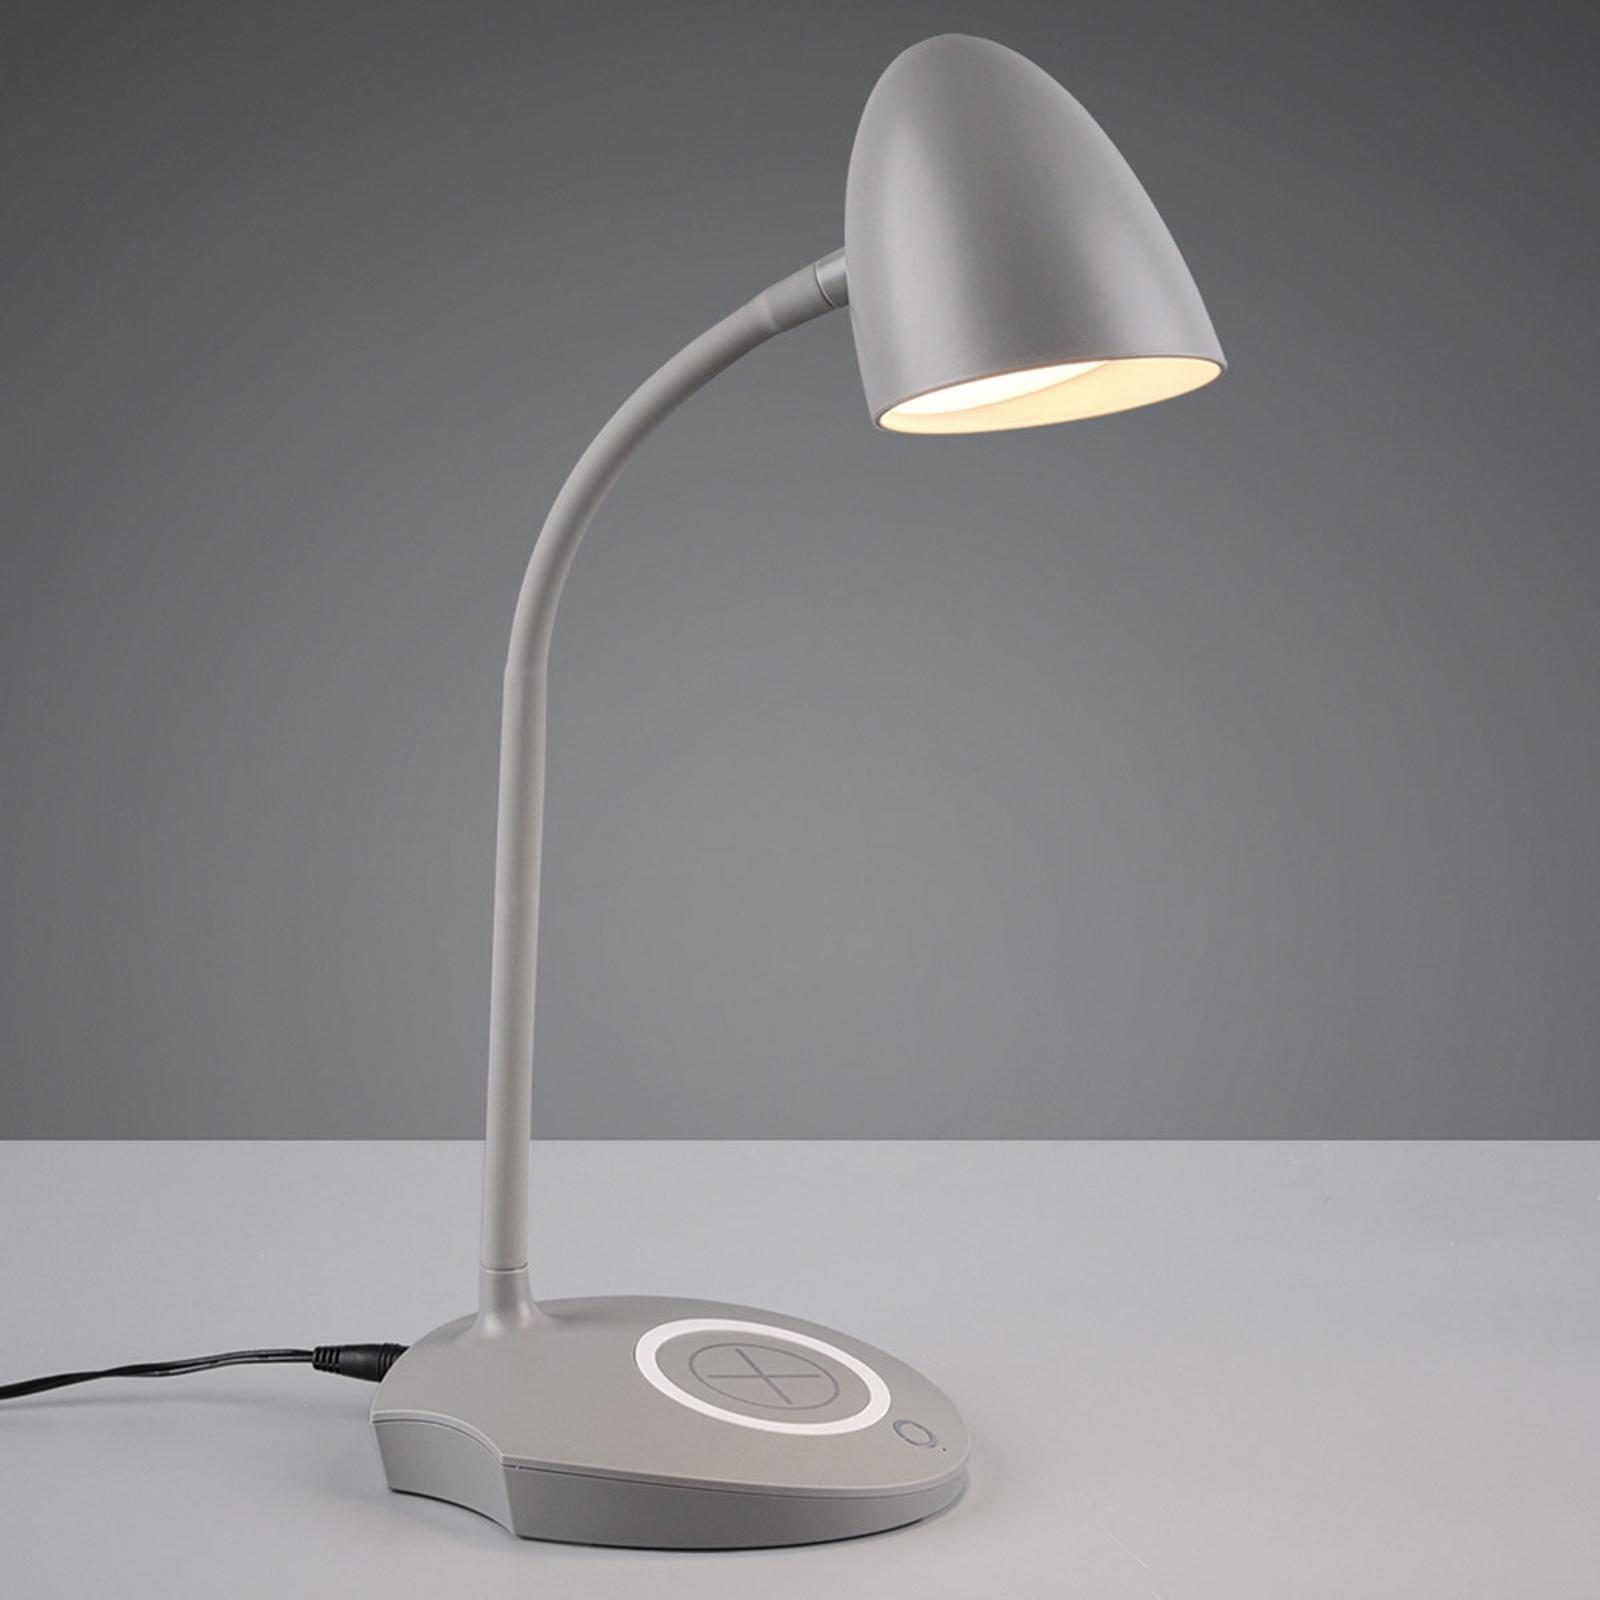 LED-pöytälamppu Load, latausasema, harmaa